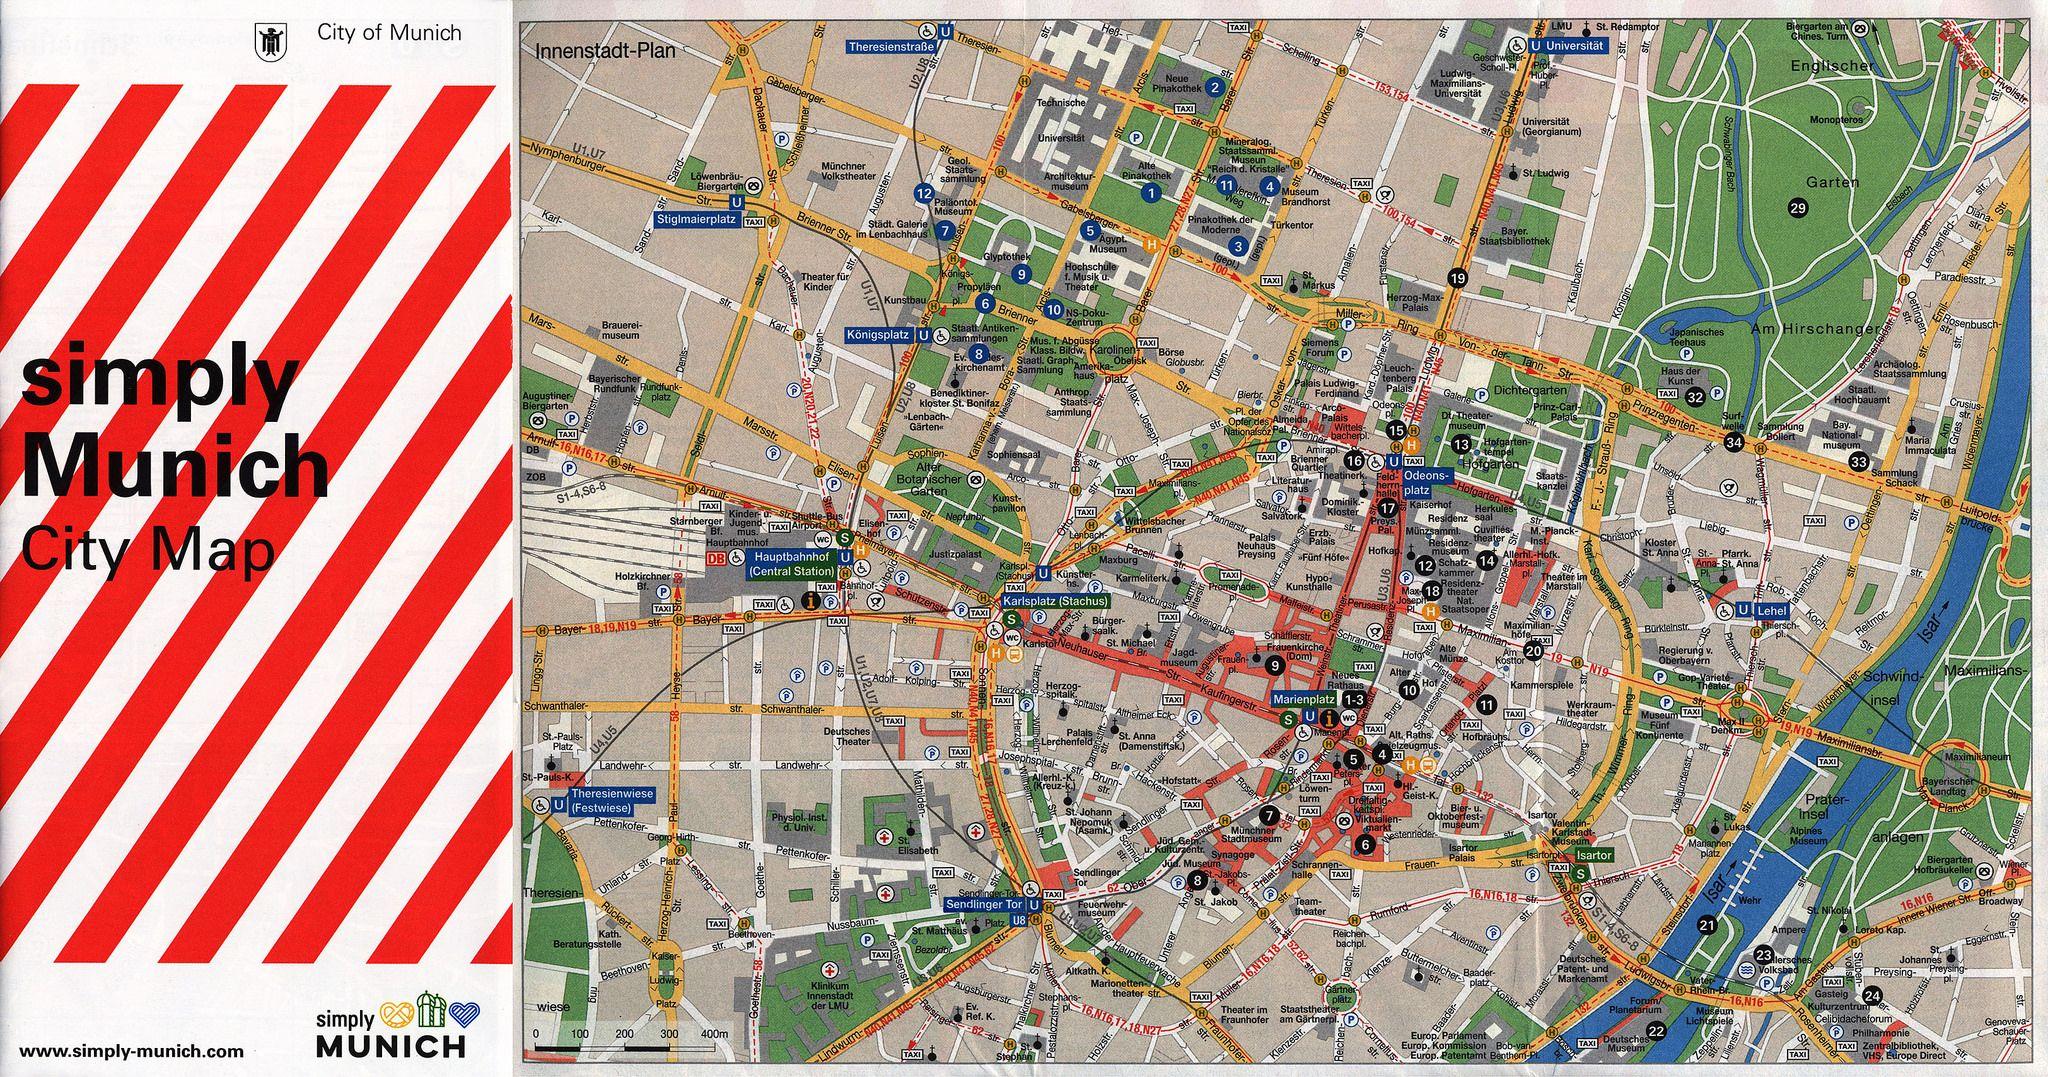 simply Munich City Map 20151 InnenstadtPlan City center map